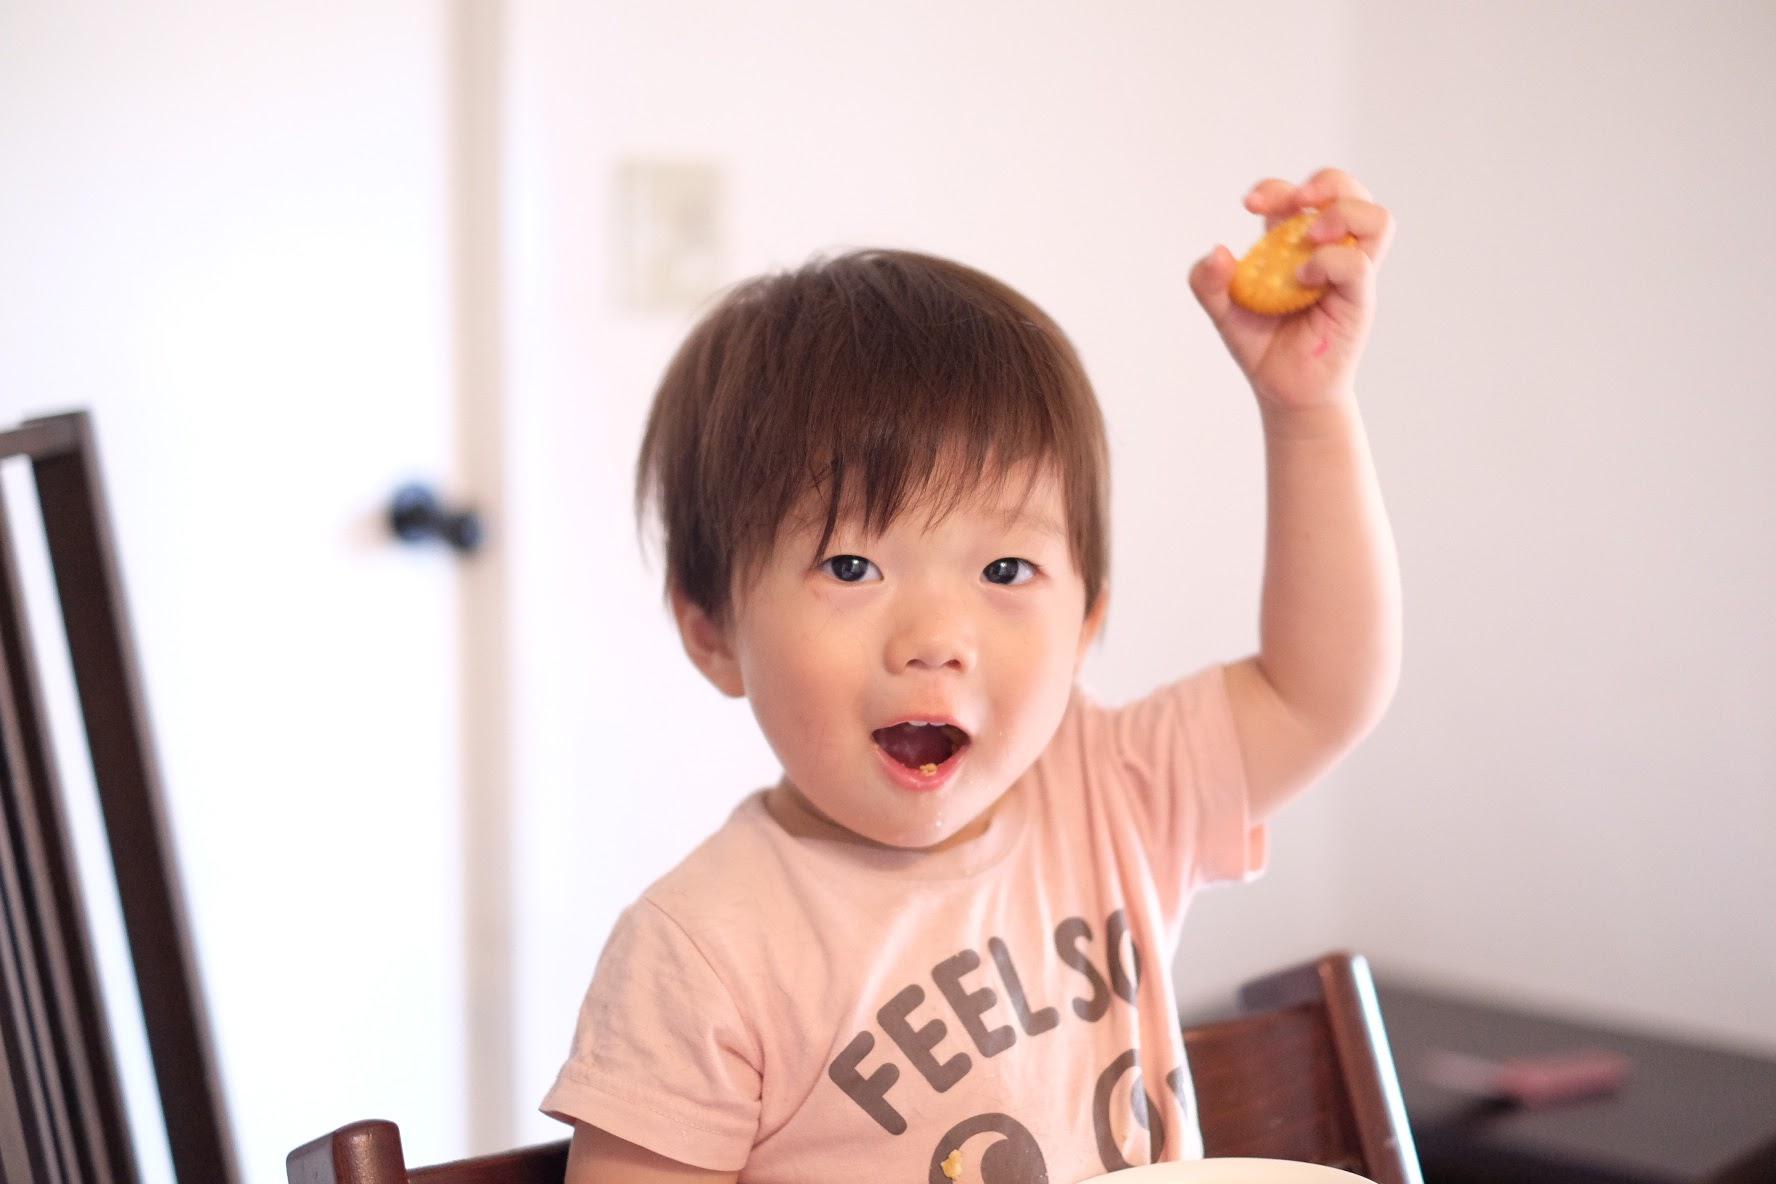 次男(1歳8ヶ月)の髪を自宅でカット。散髪ってクリエイティブで楽しいな。